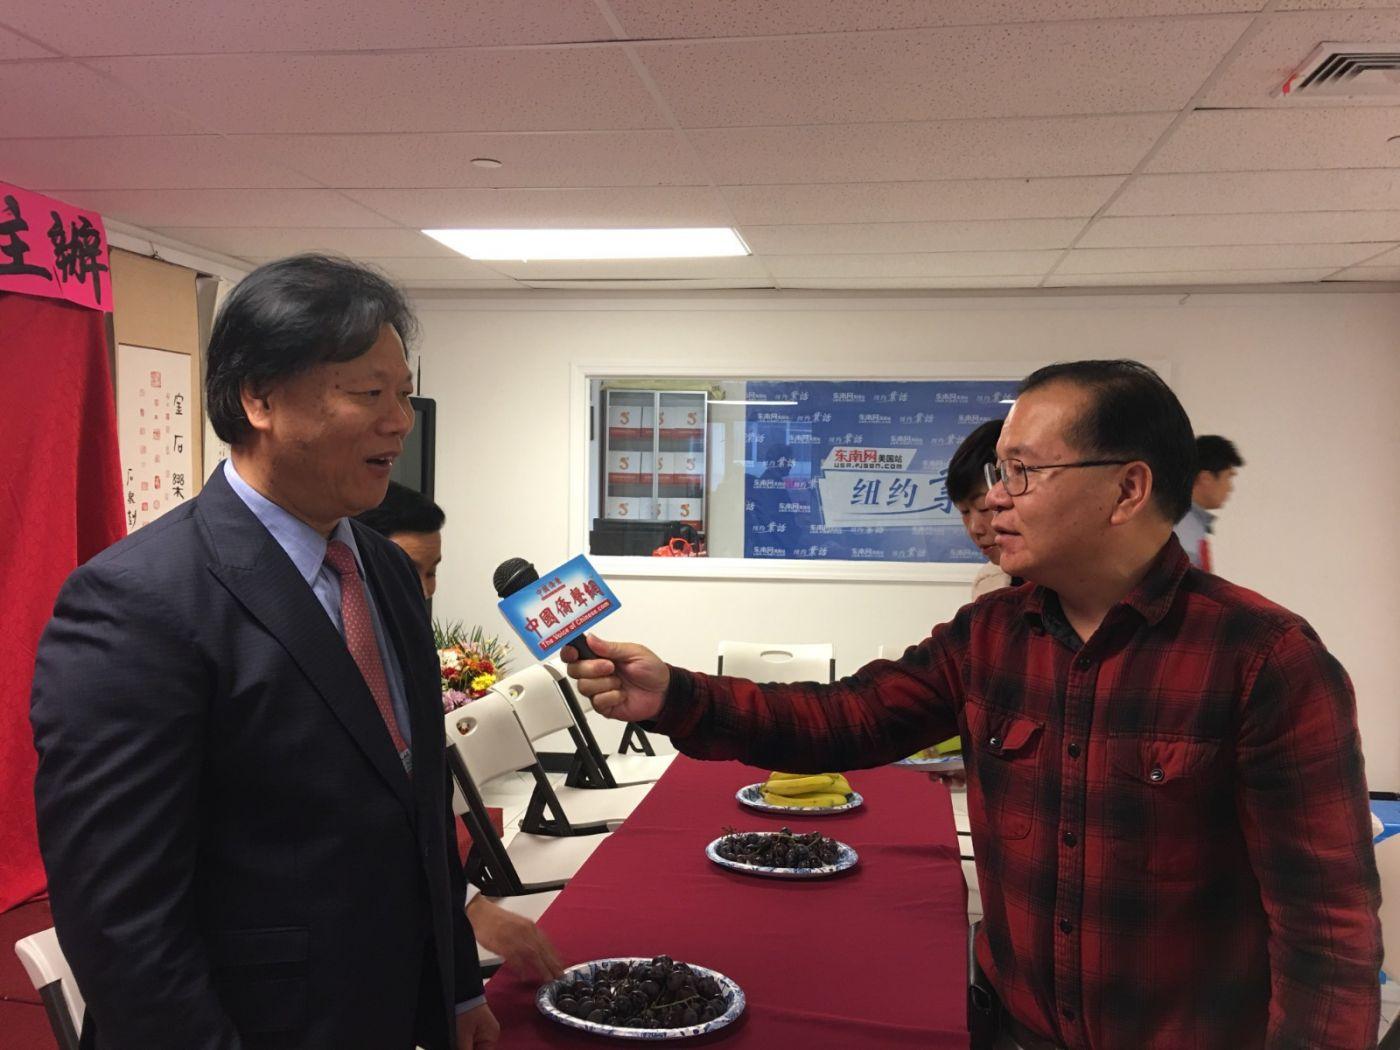 美国福建华人联合会欢迎福州市侨联主席蓝桂兰访美代表团一行 ... ..._图1-26